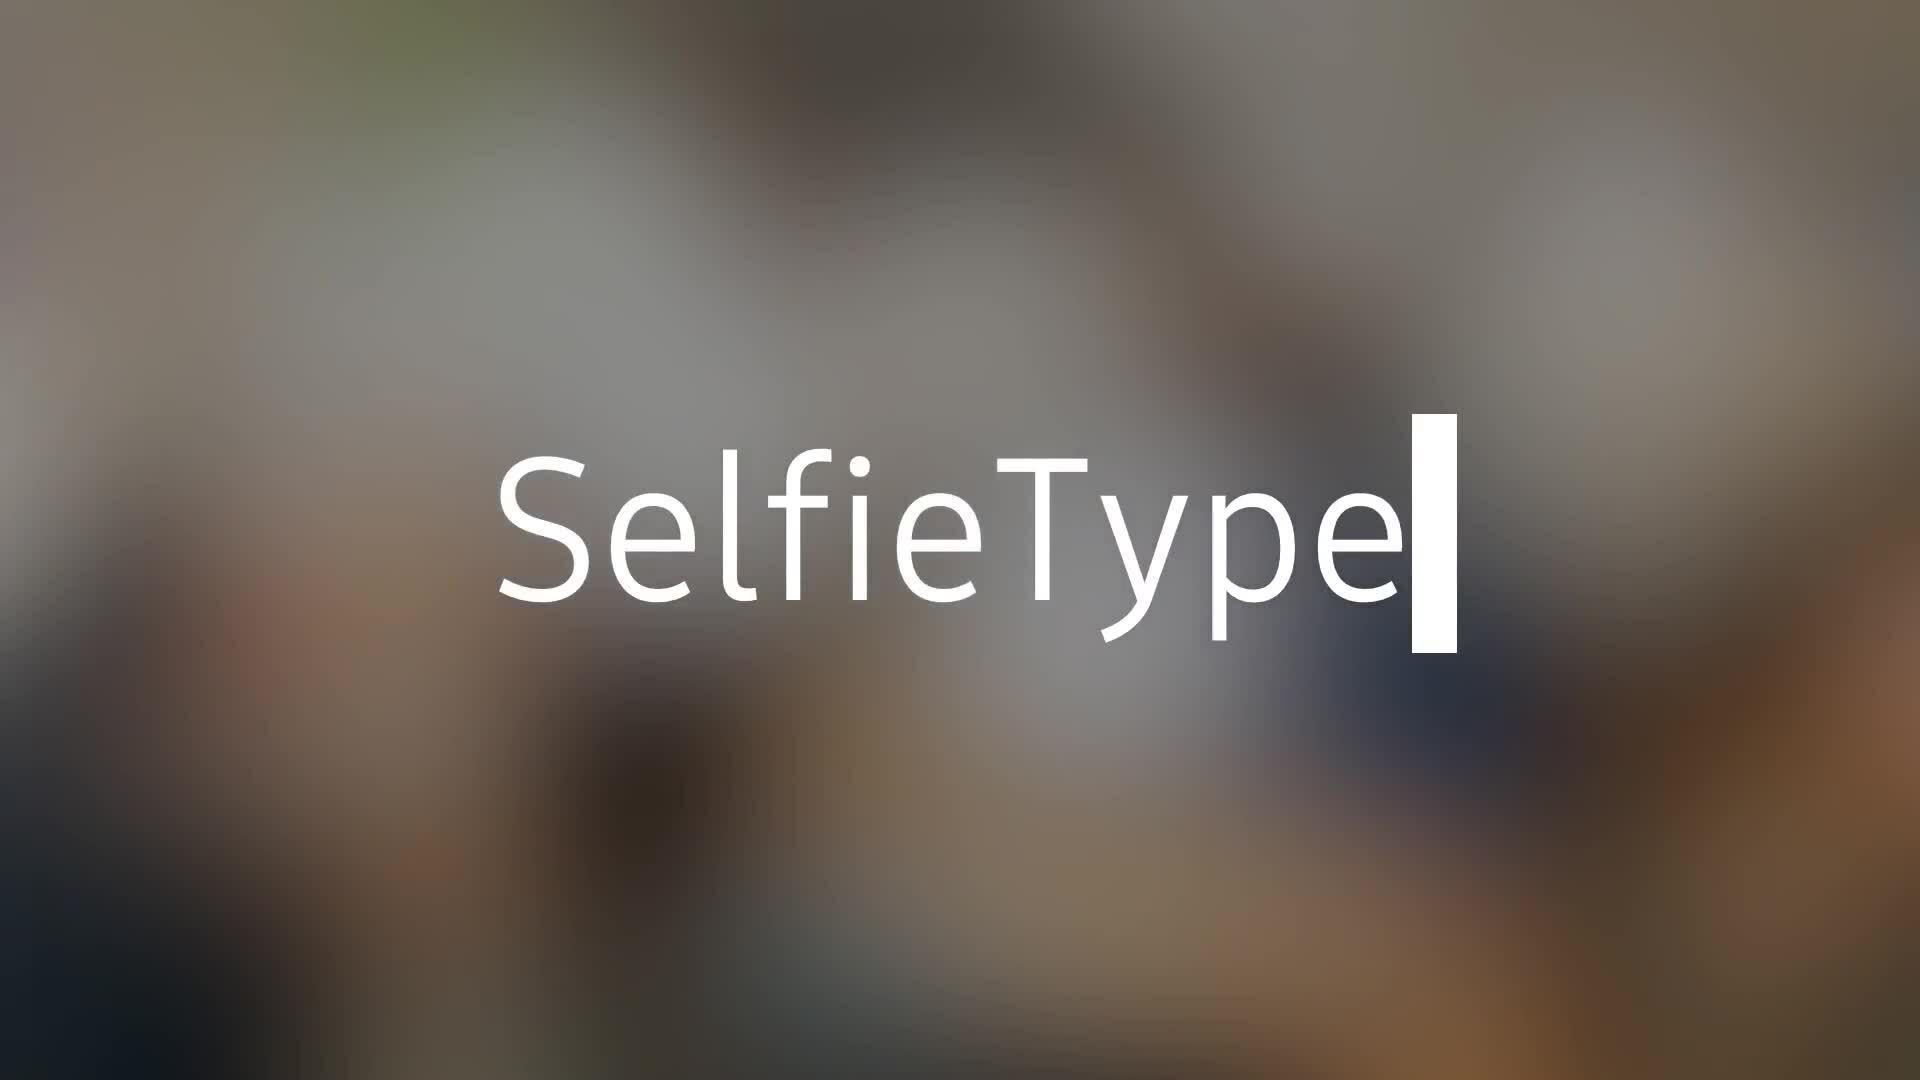 Samsung làm bàn phím ảo hoạt động với camera selfie